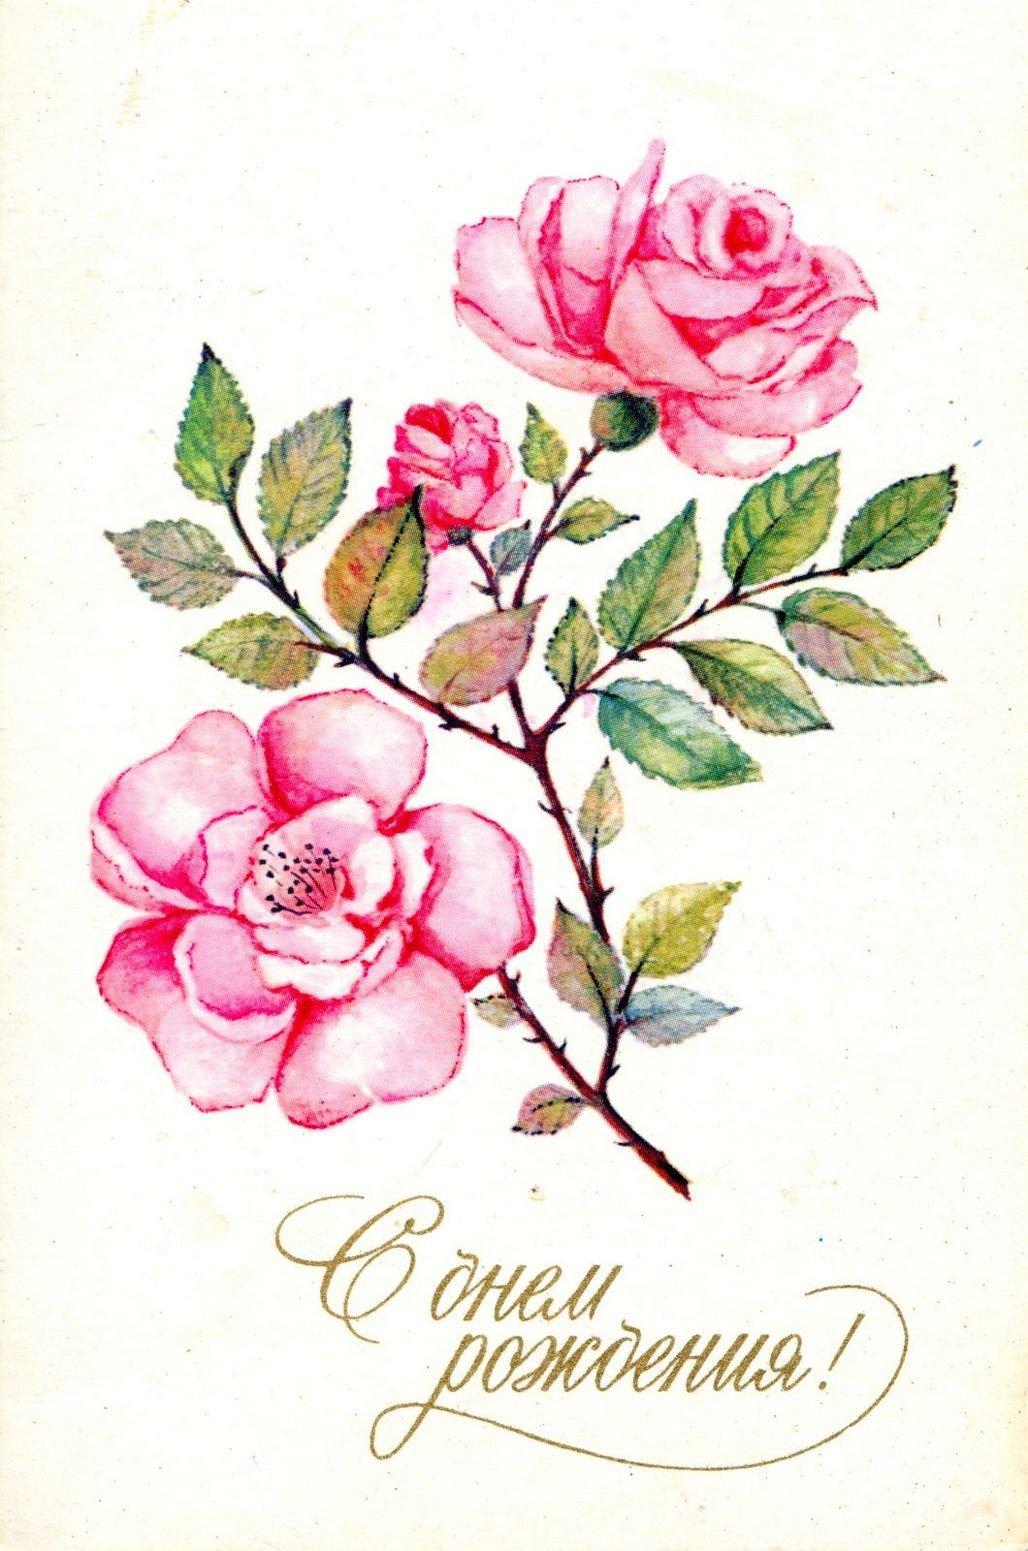 Рисунки цветов карандашом на открытке, открытка днем